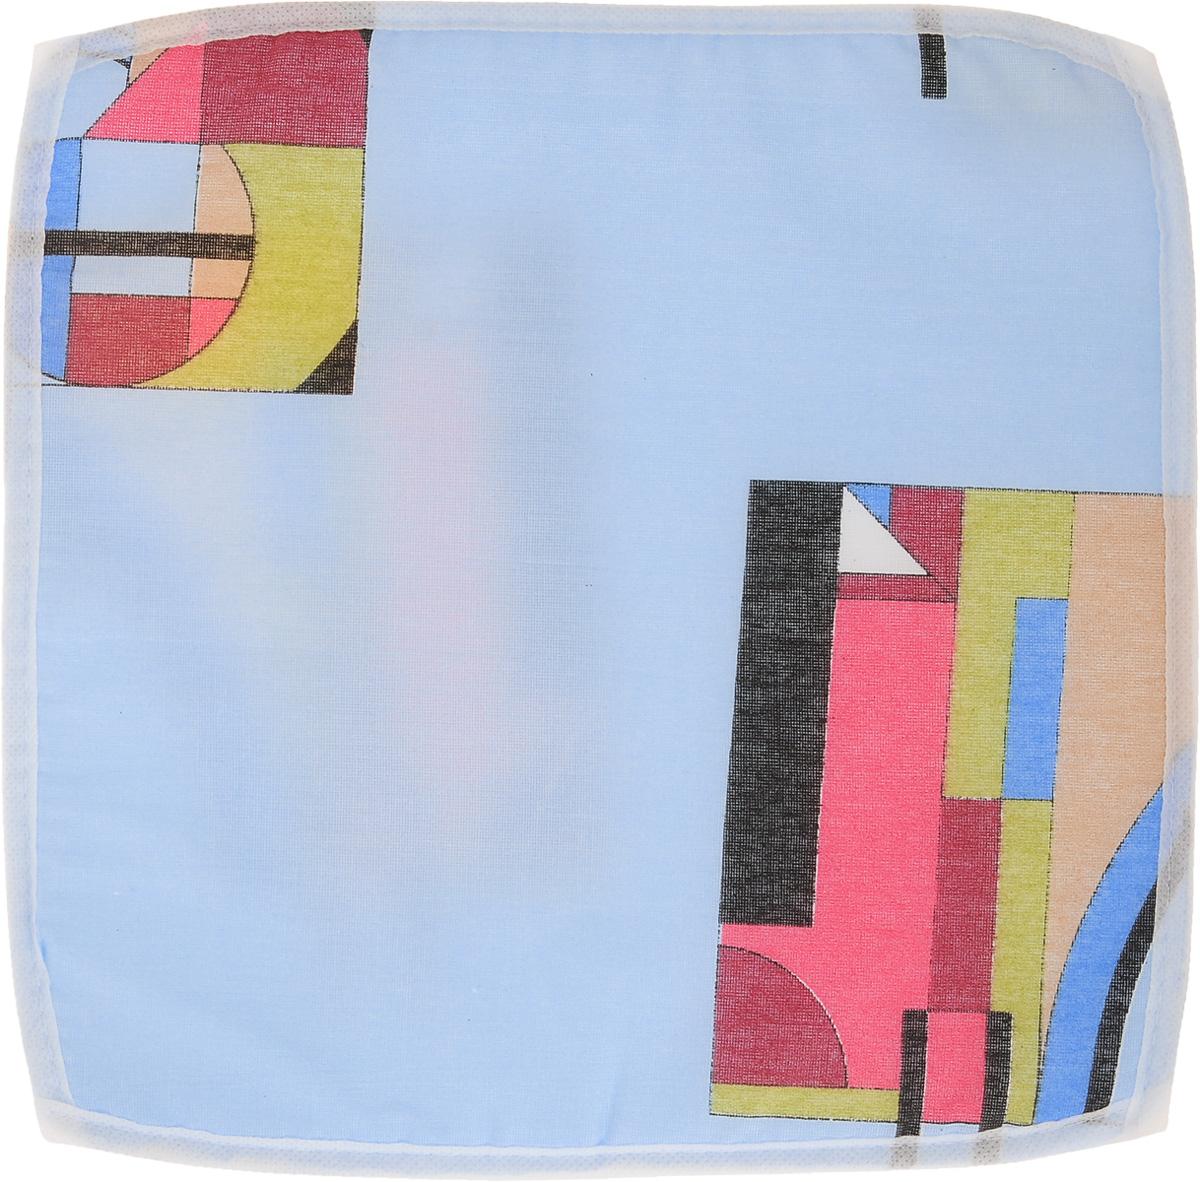 Подушка на стул Eva Геометрия, 34 х 34 смЕ06_голубой, геометрияПодушка на стул Eva Геометрия, выполненная из хлопка с наполнителем из поролона, легко крепится на стул с помощью завязок. Рекомендации по уходу: Деликатная стирка при температуре воды до 30°С. Отбеливание, барабанная сушка, химчистка запрещены. Рекомендуется глажка при температуре подошвы утюга до 150°С. Размер подушки: 34 х 34 х 1 см.